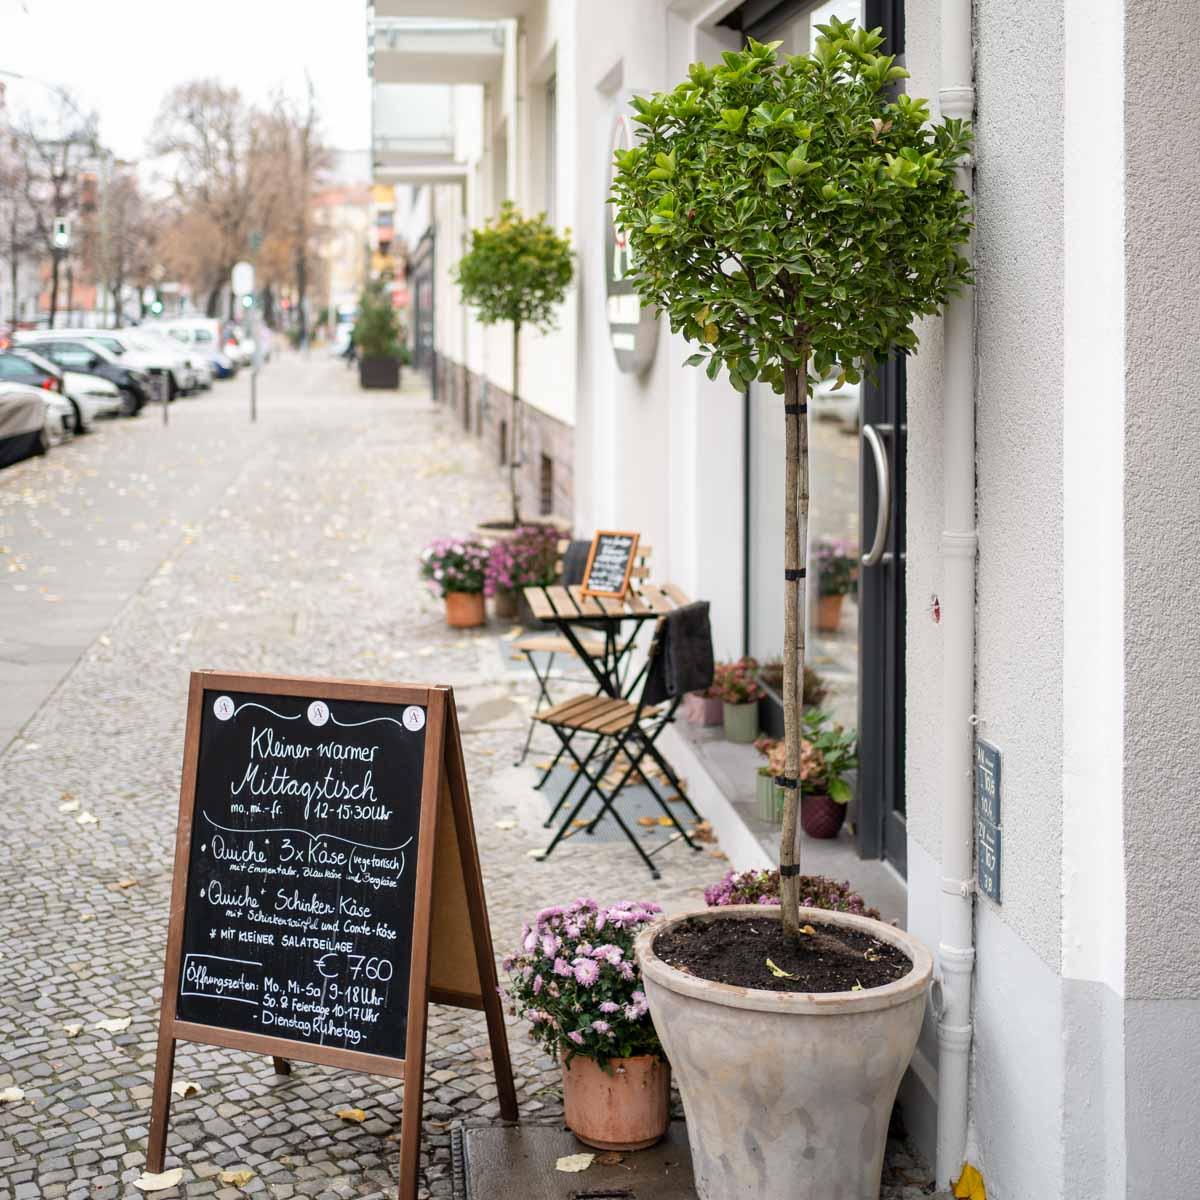 Patisserie Gil Avnon Charlottenburg ©The Dude for Food